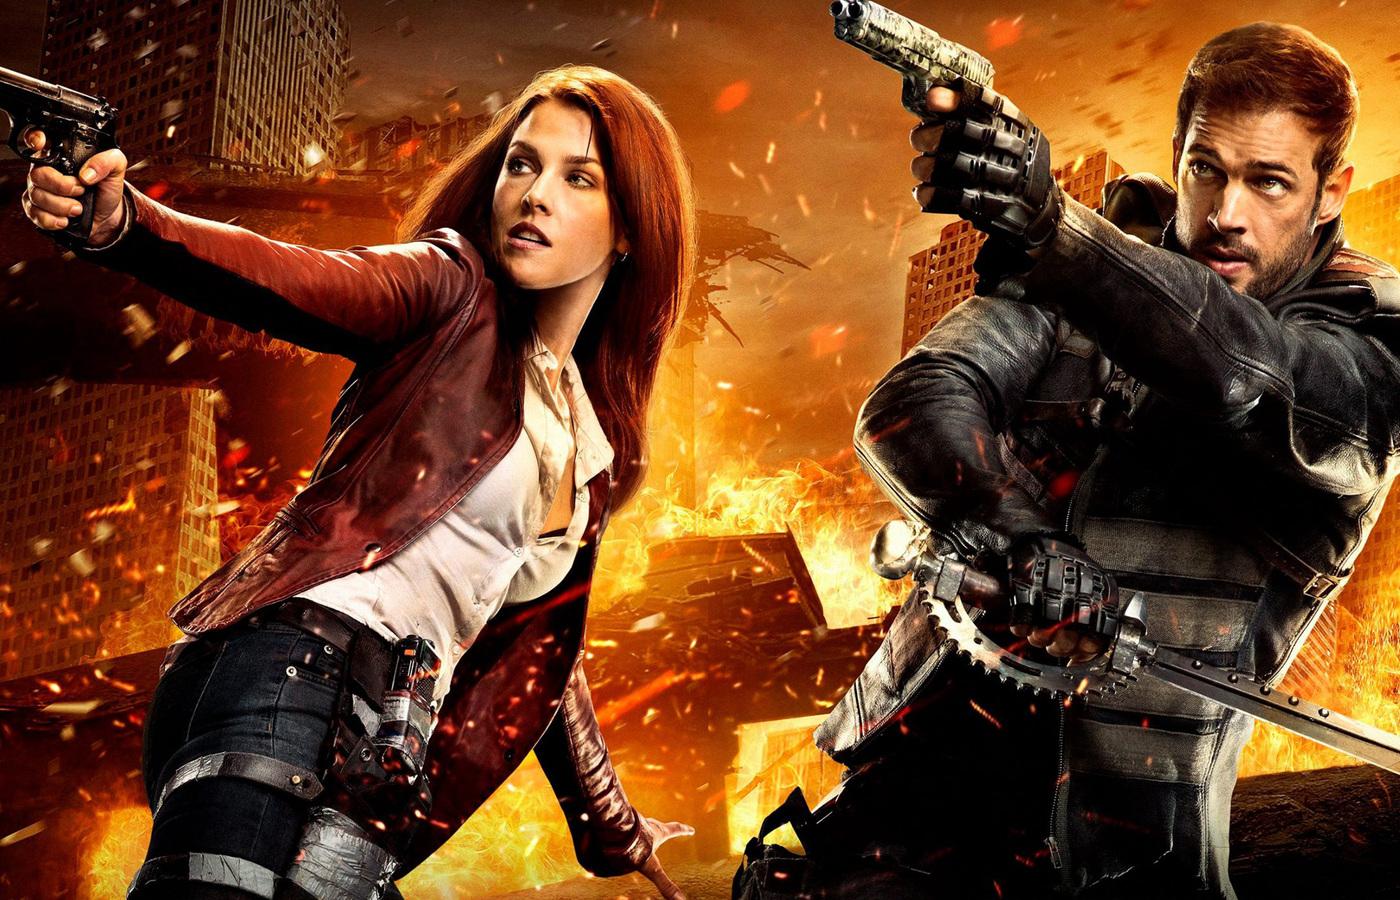 resident-evil-the-final-chapter-poster-on.jpg